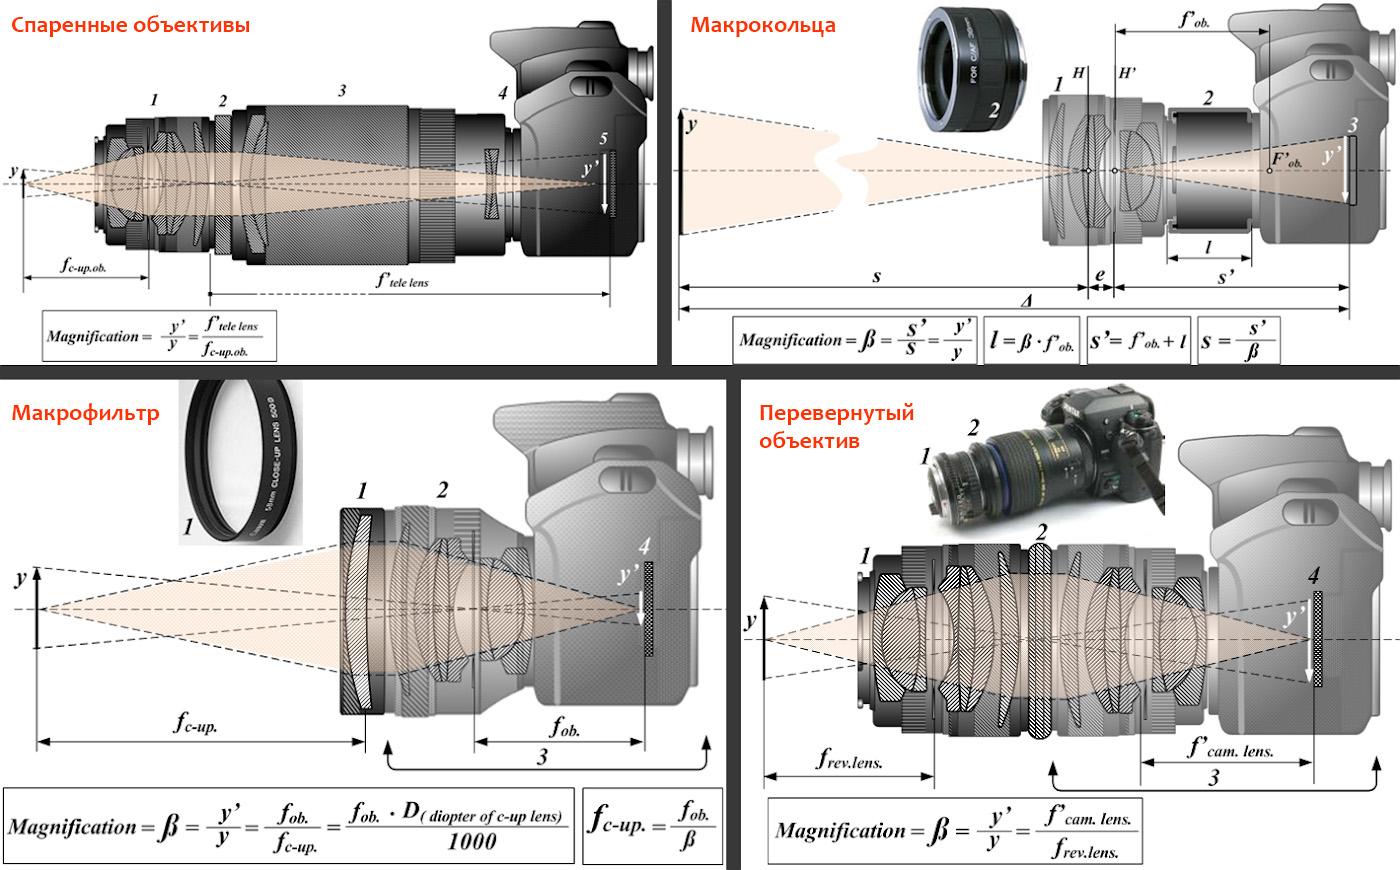 Рисунок 1. Схемы для съемки макро с помощью макрофильтров Close-Up, перевернутого, спаренного объектива и удлинительных колец. Формулы для расчета масштаба увеличения.